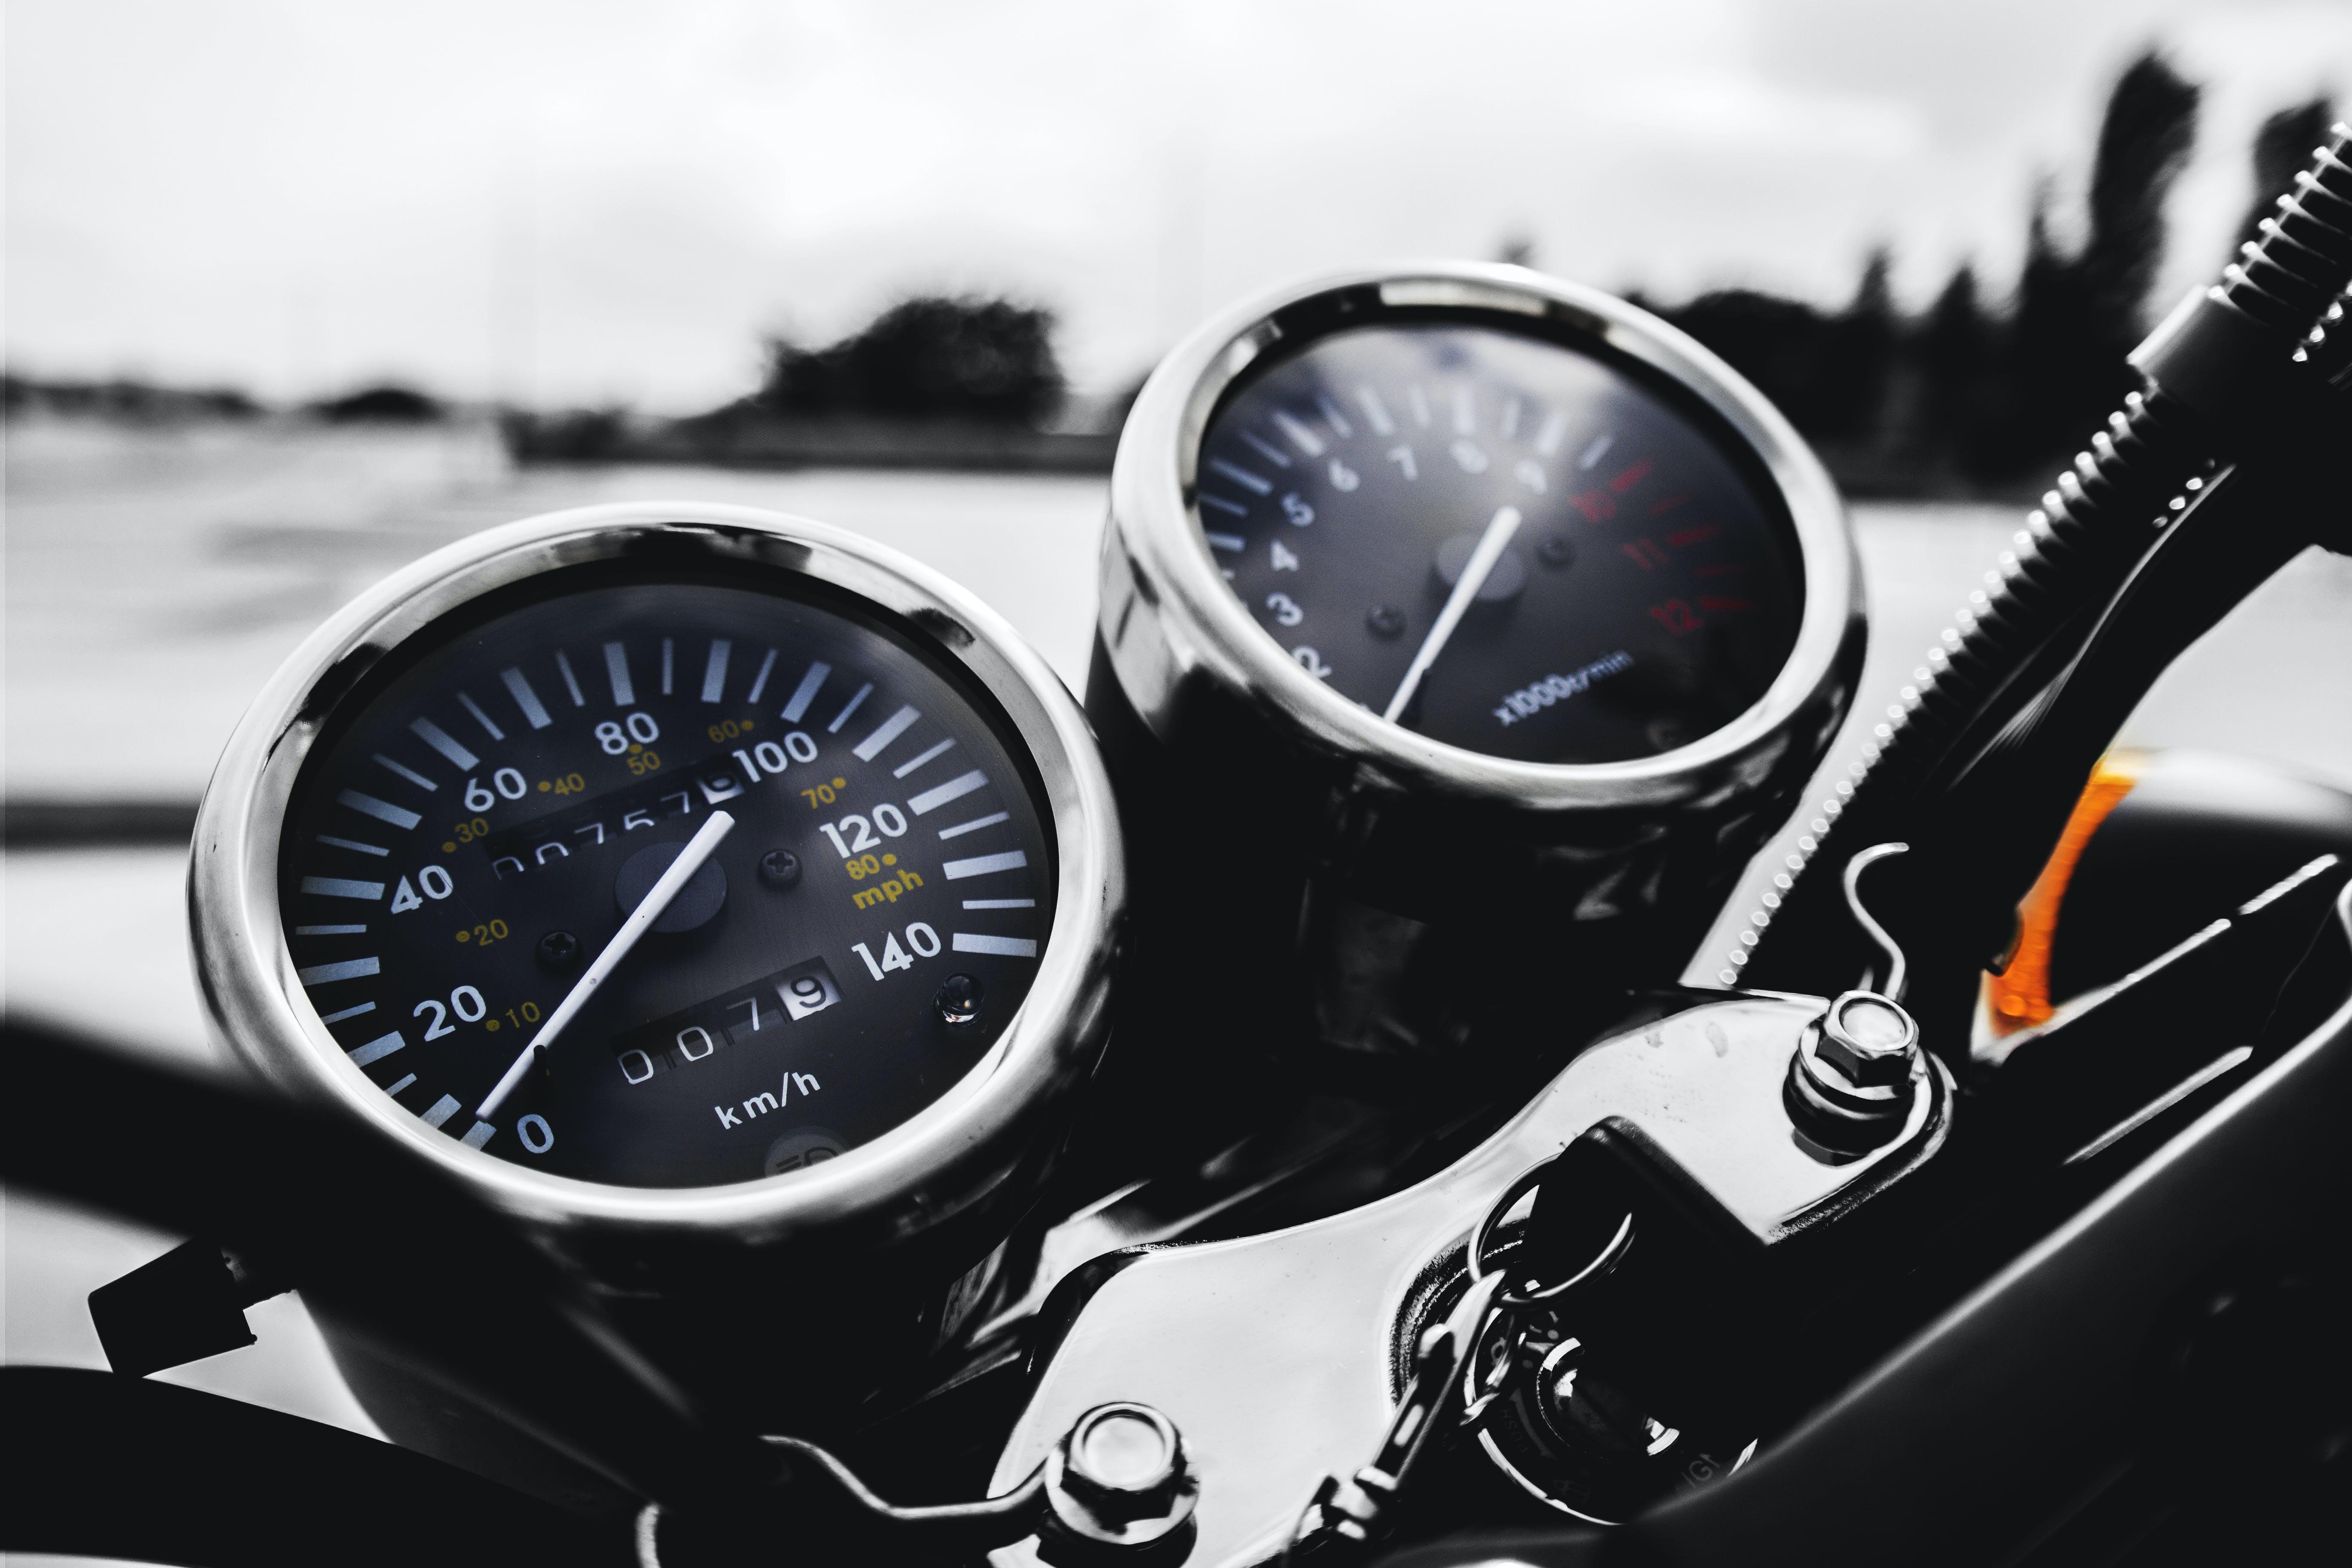 Gratis stockfoto met automobiel, kilometerteller, peilen, snelheid